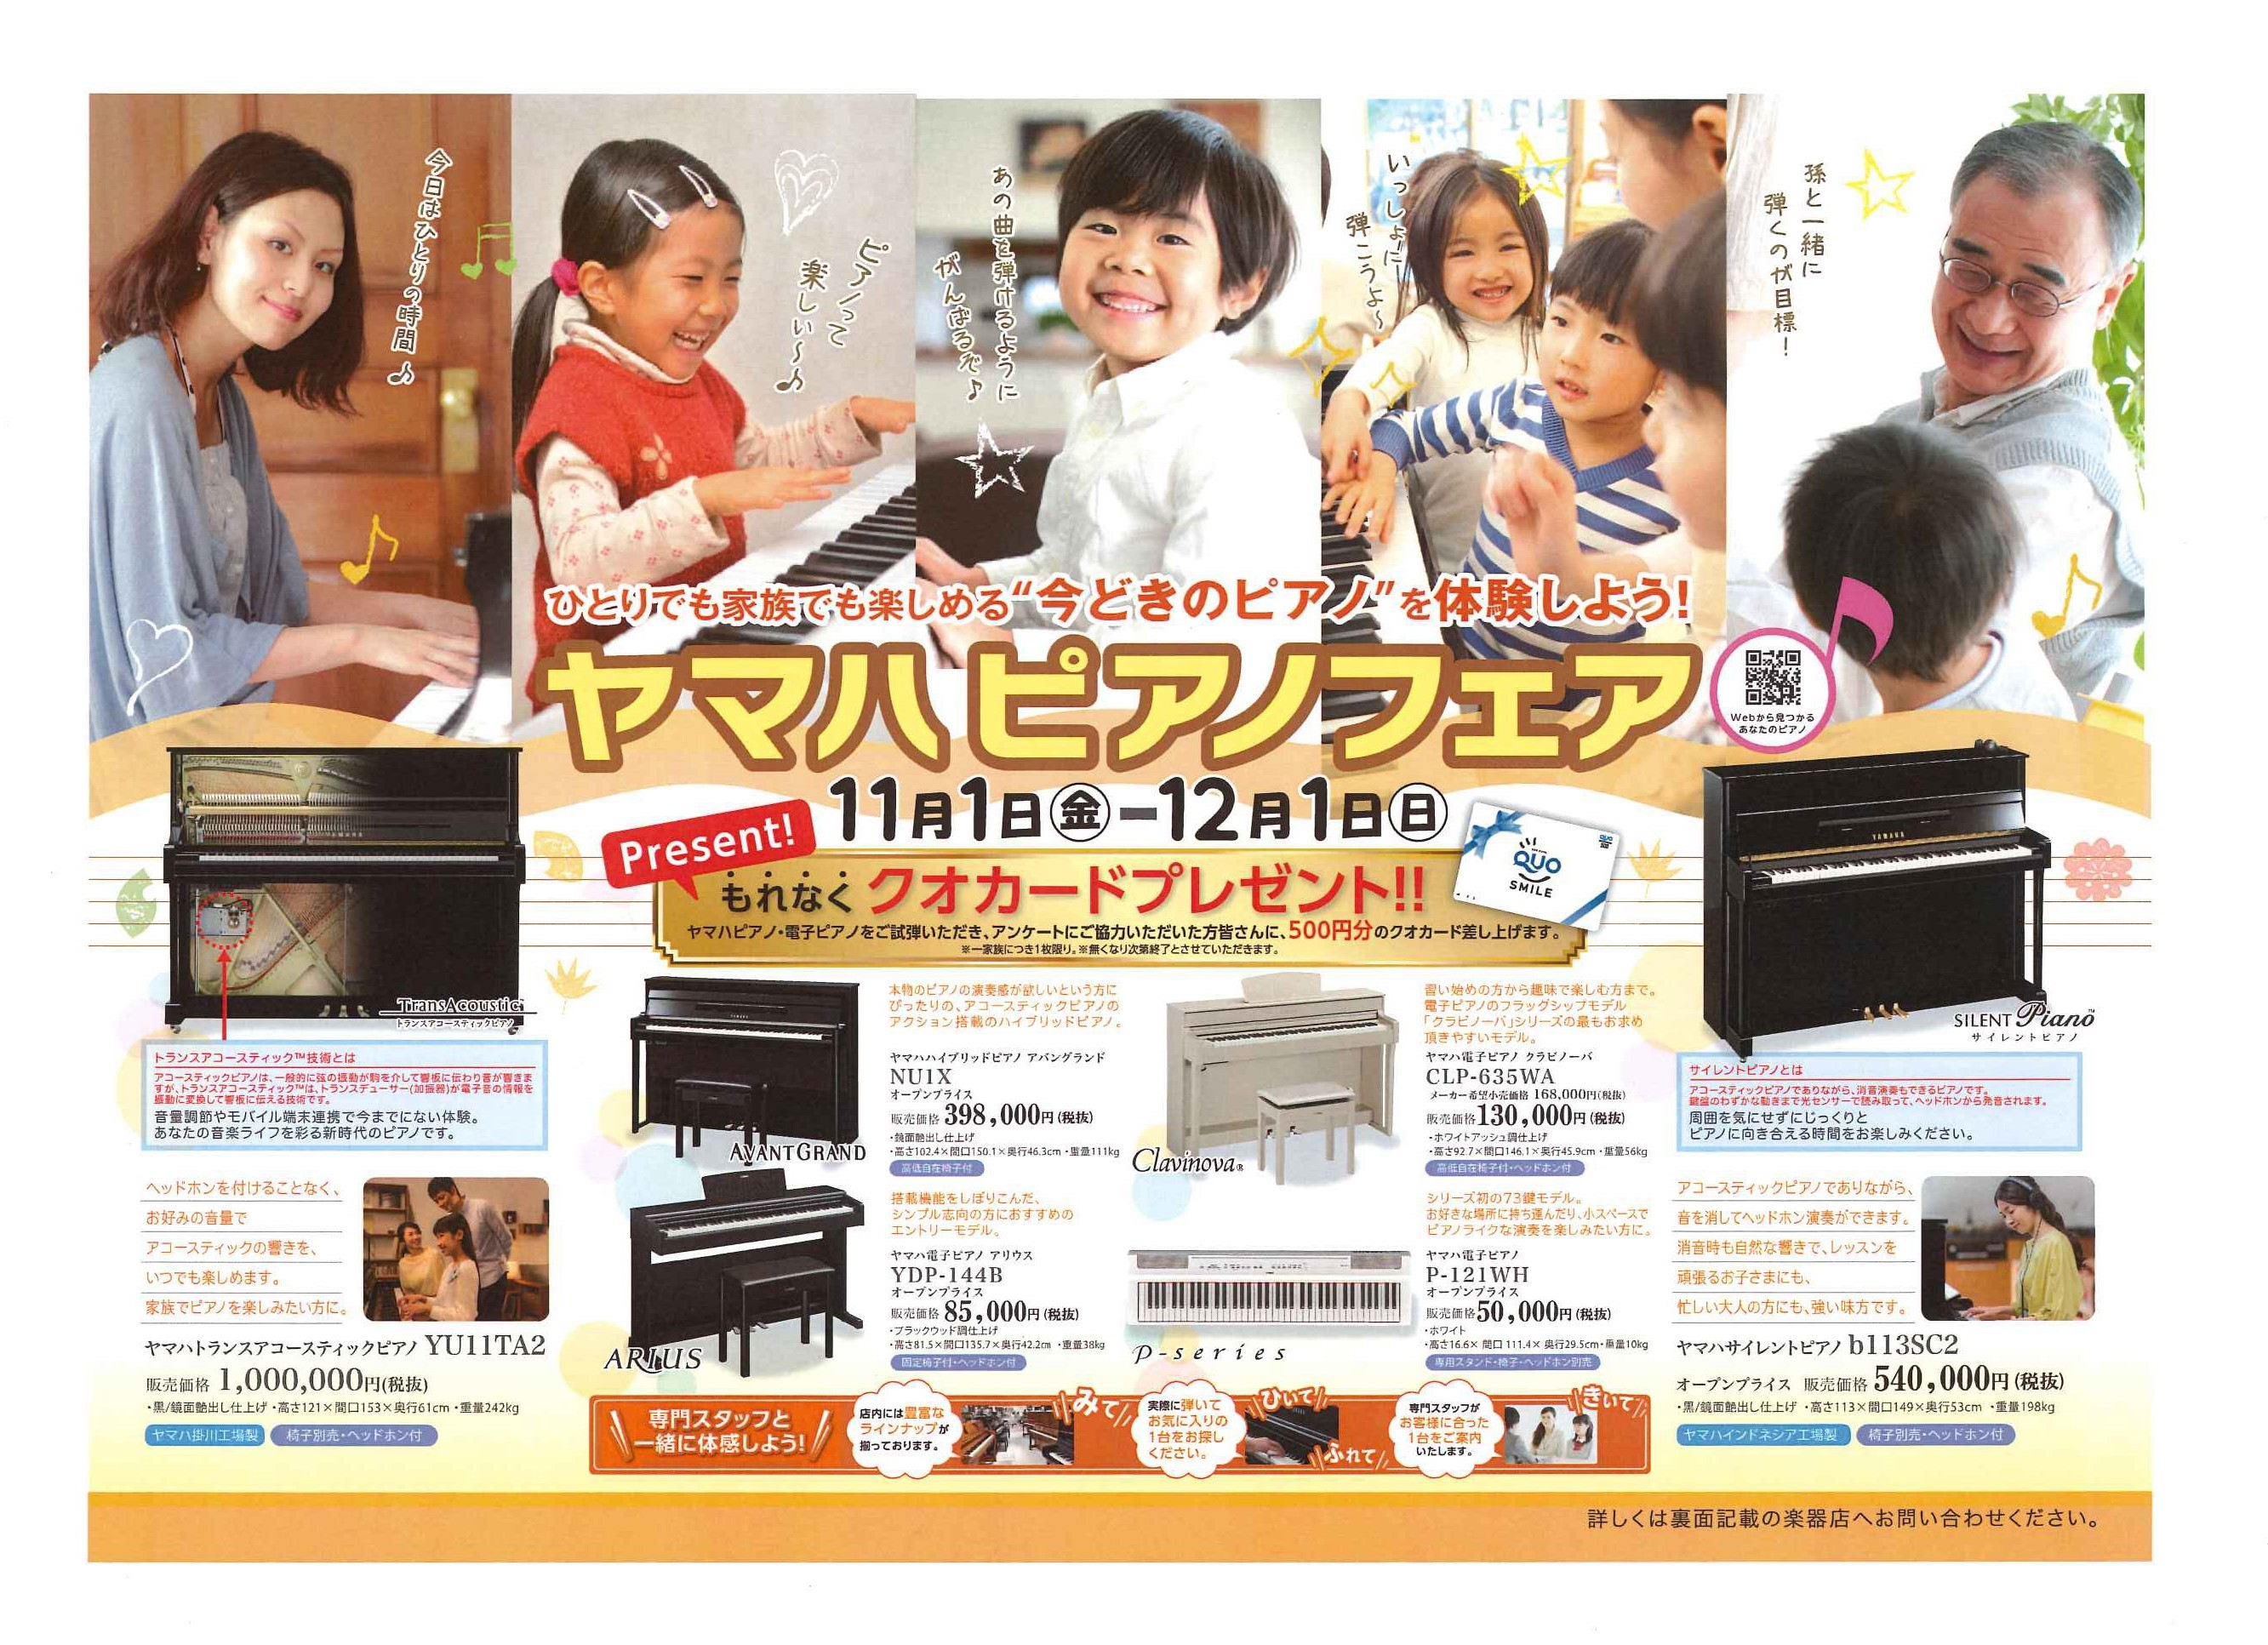 ヤマハピアノフェア11月1日(金)〜12月1日(日)